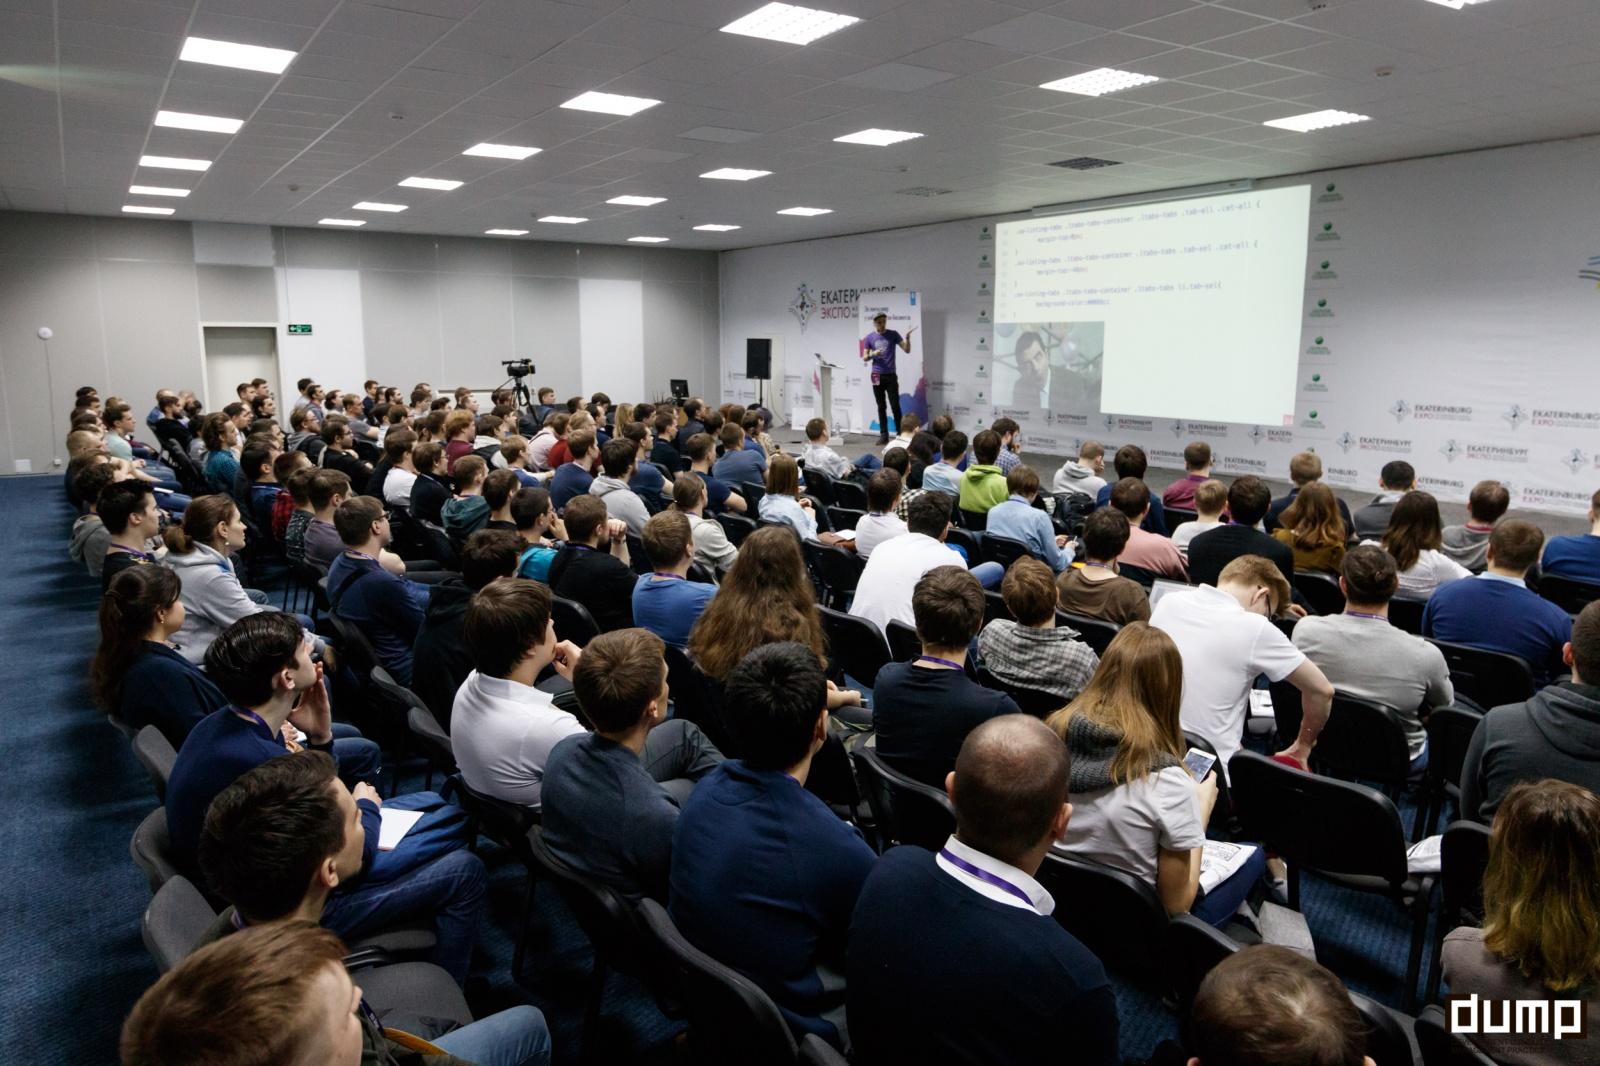 Конференция DUMP-2019: приглашаем выступить в секциях Design, Management и Тестирование - 2